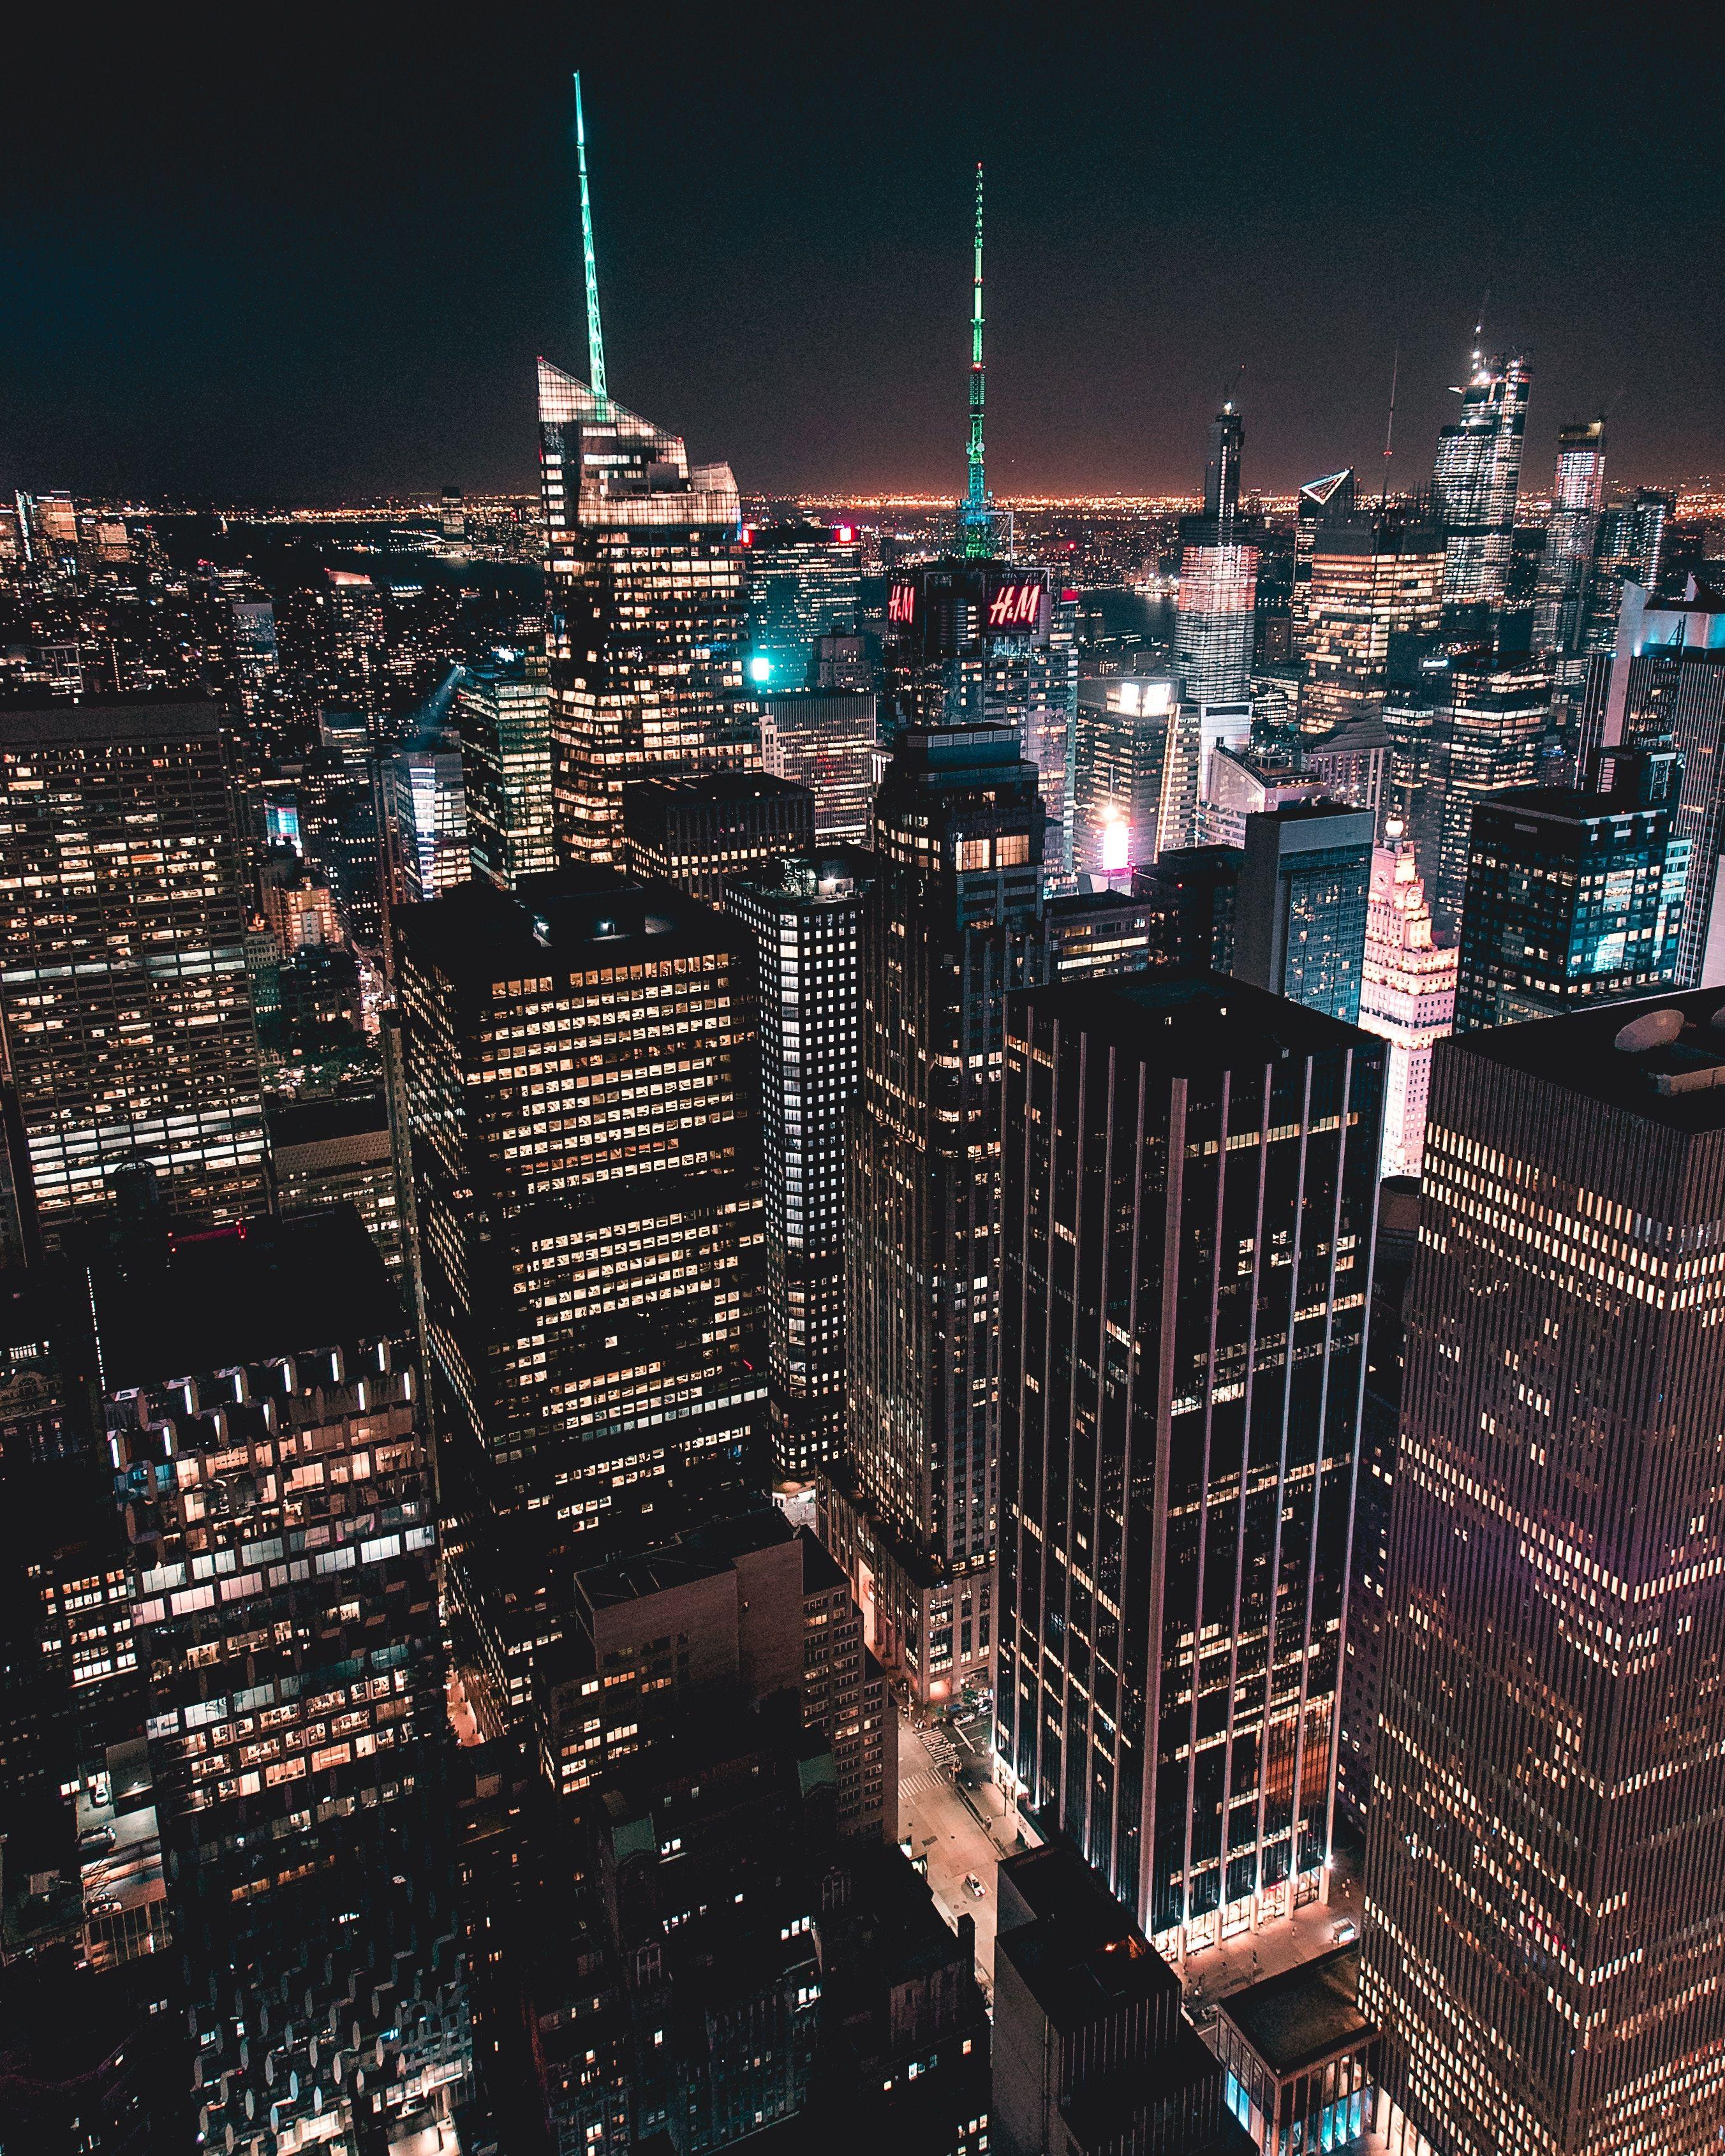 Pin By Nikolina Uzelac On City Life City Landscape City Lights At Night City Photography